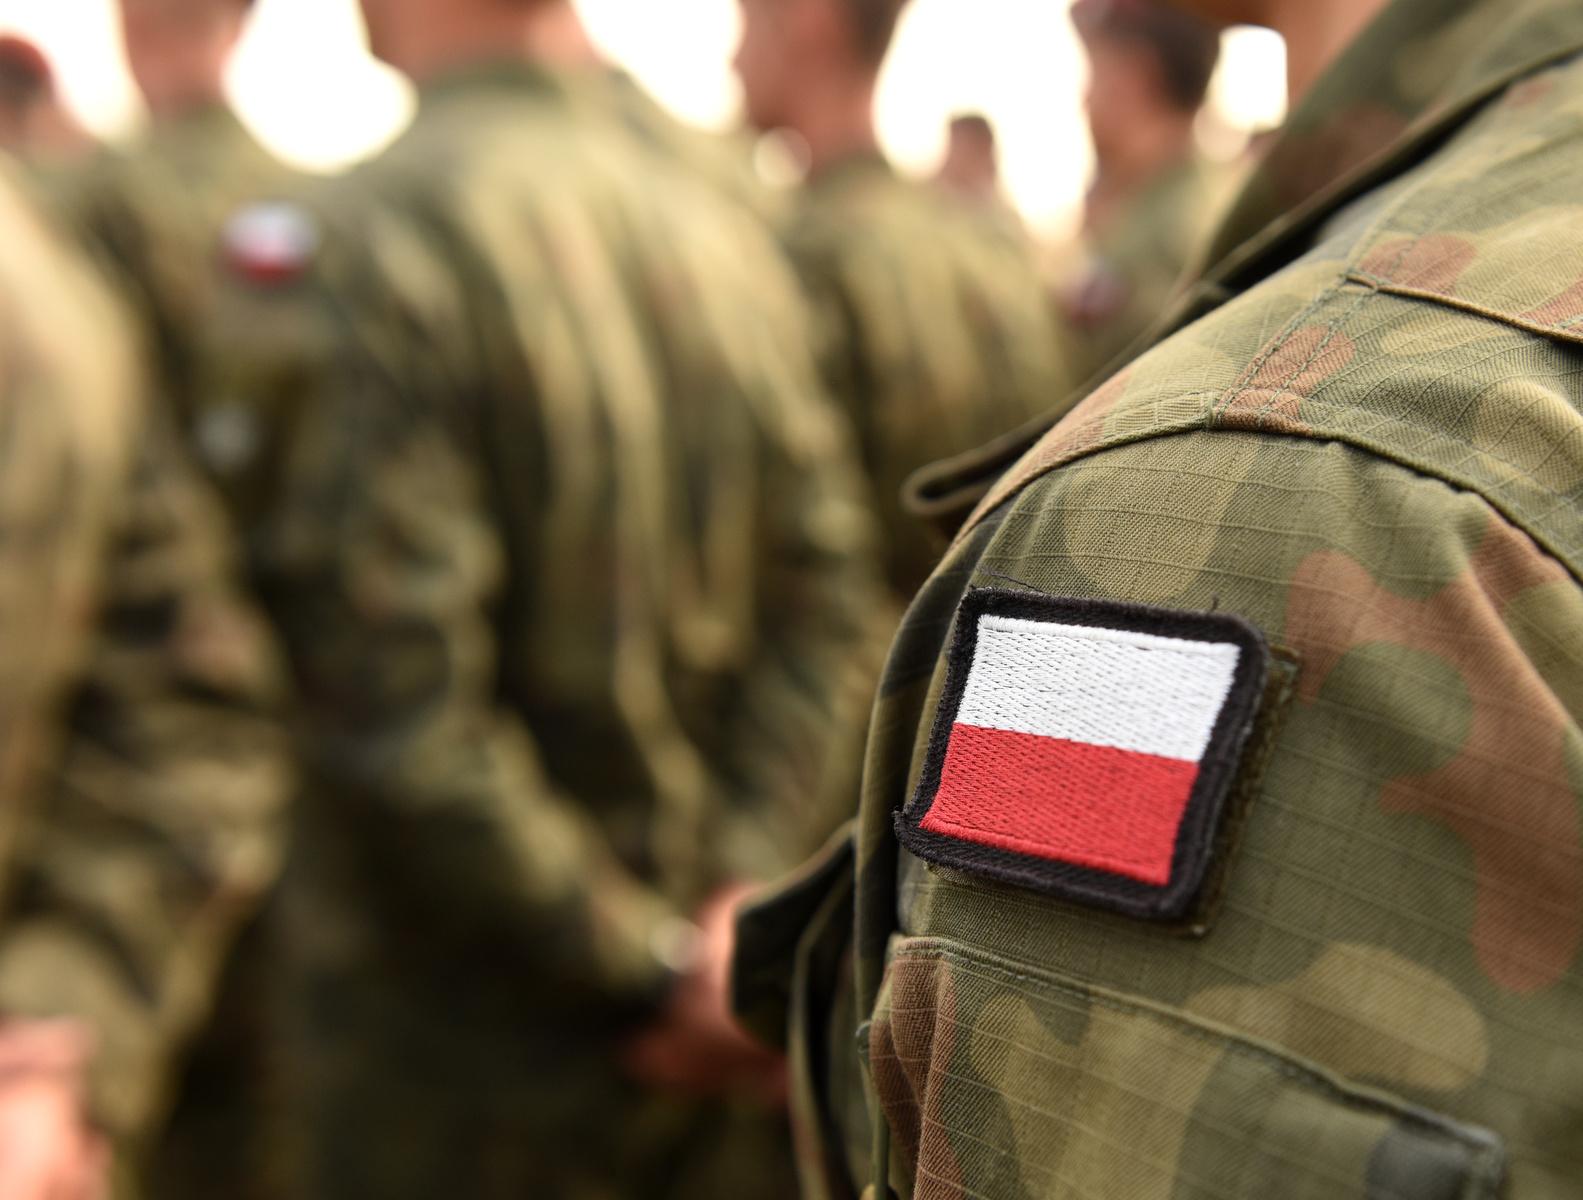 Żołnierz z naszywką - polska flaga